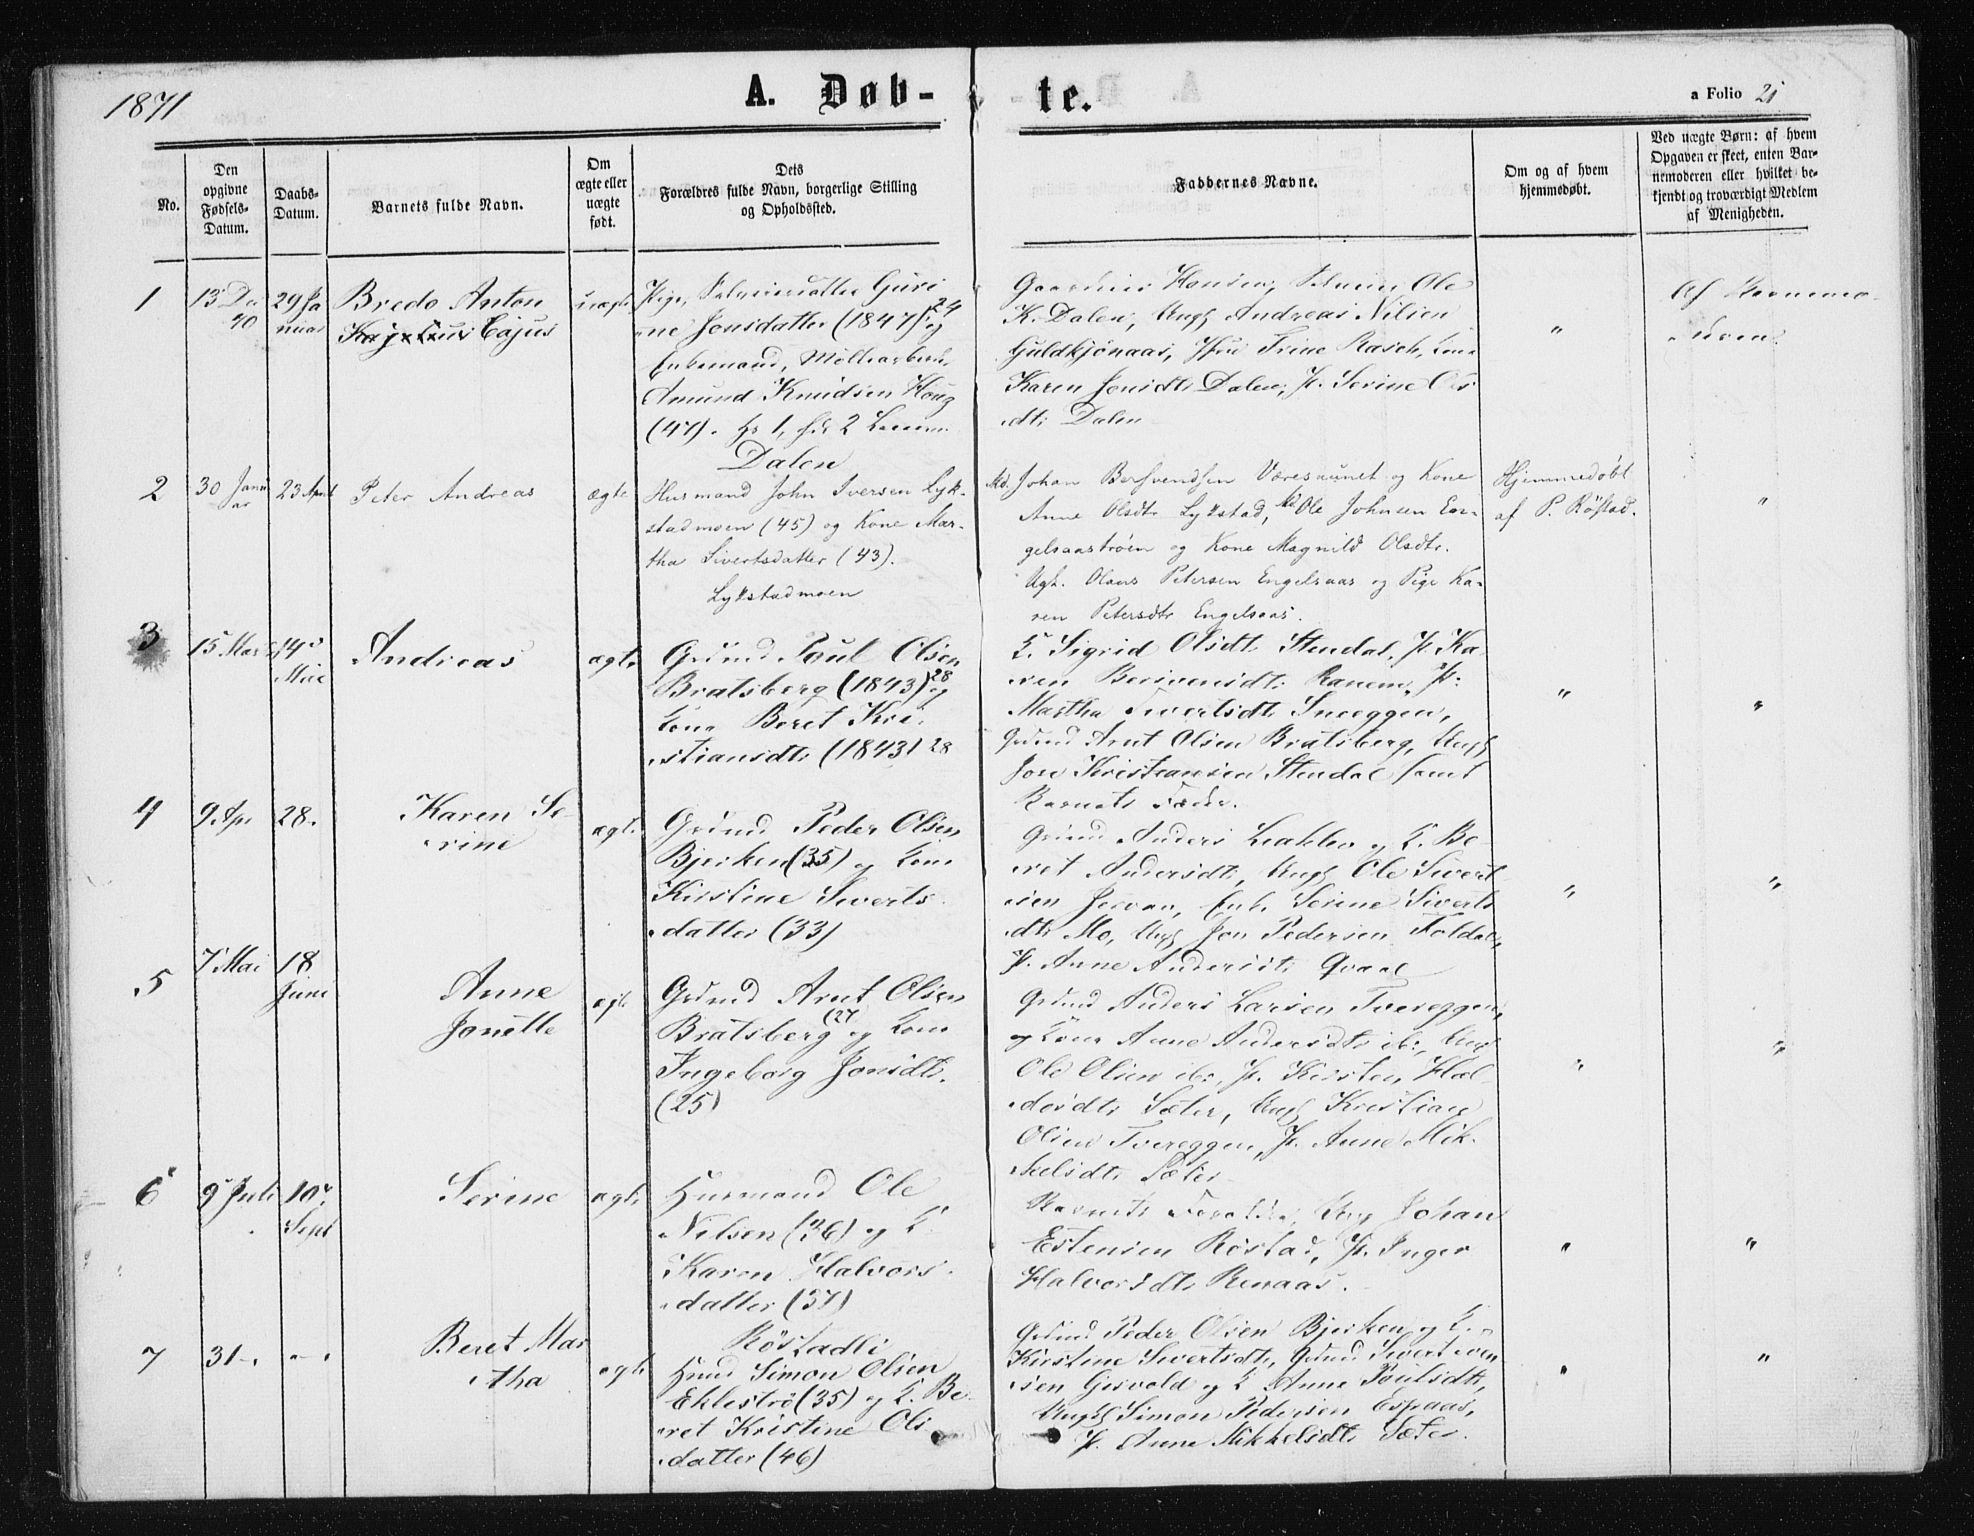 SAT, Ministerialprotokoller, klokkerbøker og fødselsregistre - Sør-Trøndelag, 608/L0333: Ministerialbok nr. 608A02, 1862-1876, s. 21